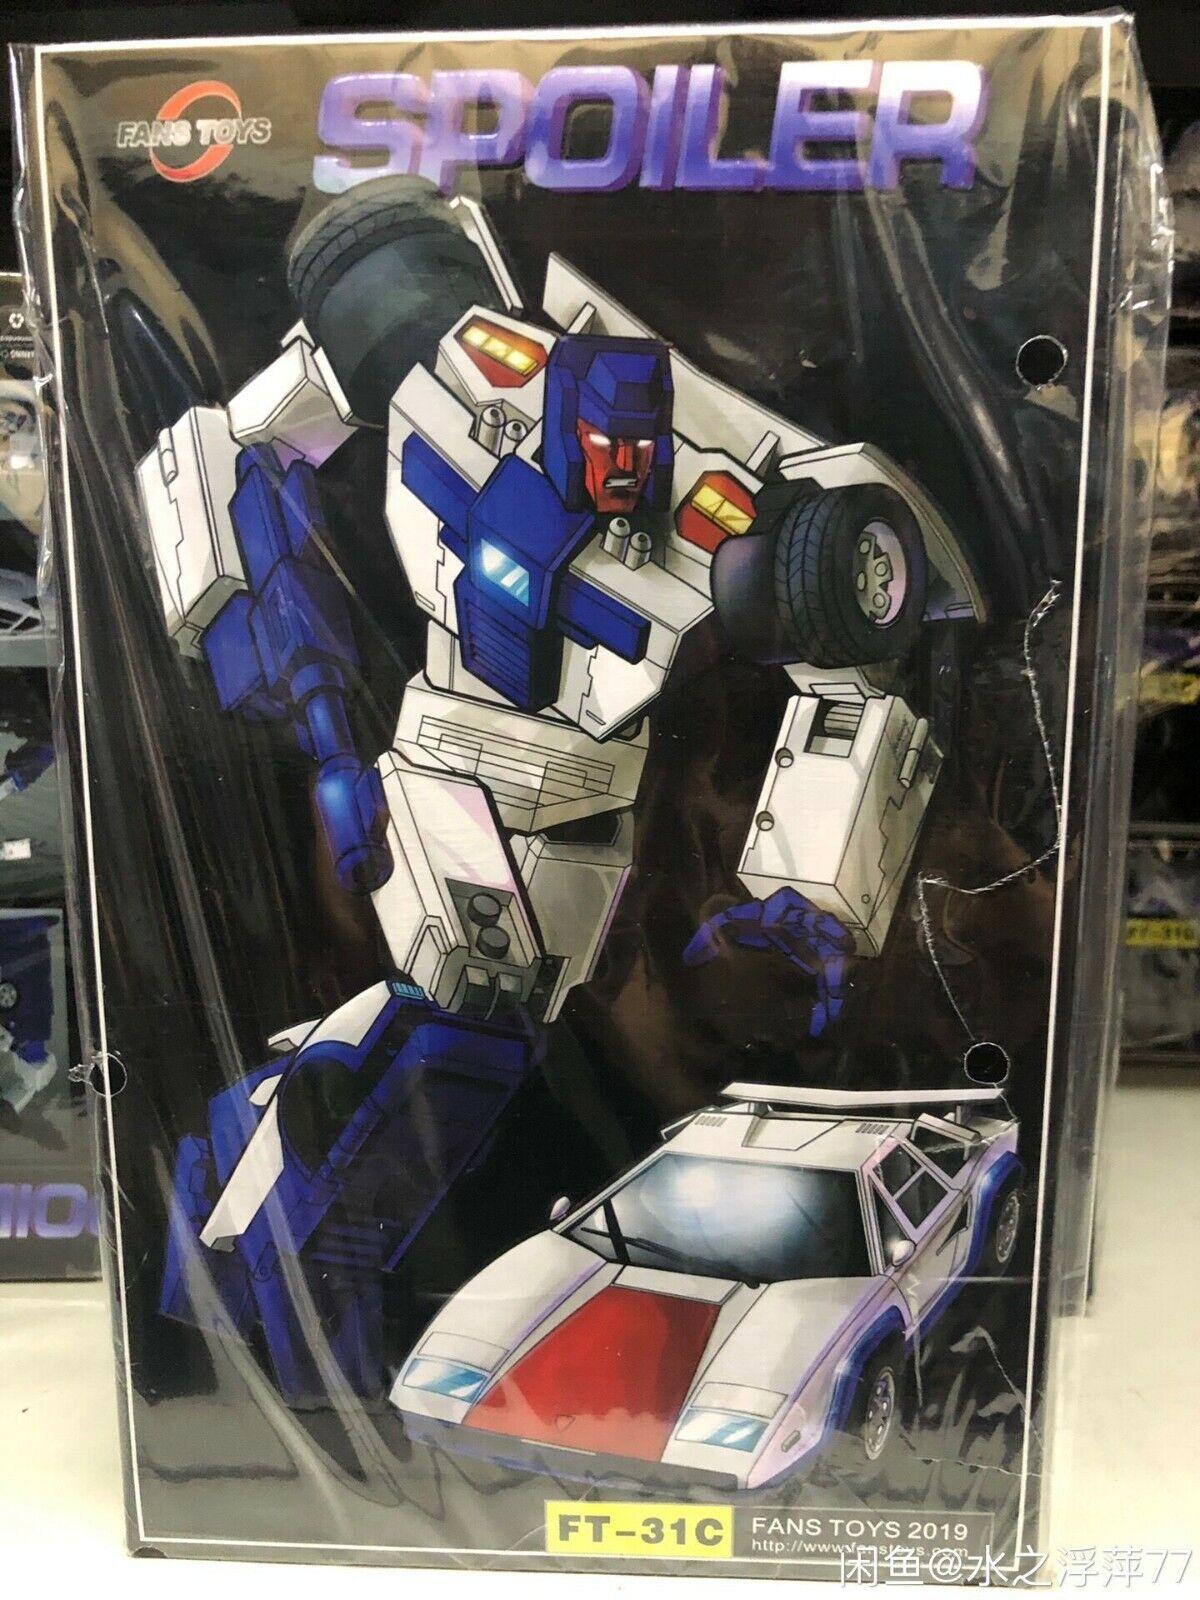 Transformers Fansgiocattoli FT31C SPOILER G1 Breakdown azione cifra giocattolo IN STOCK